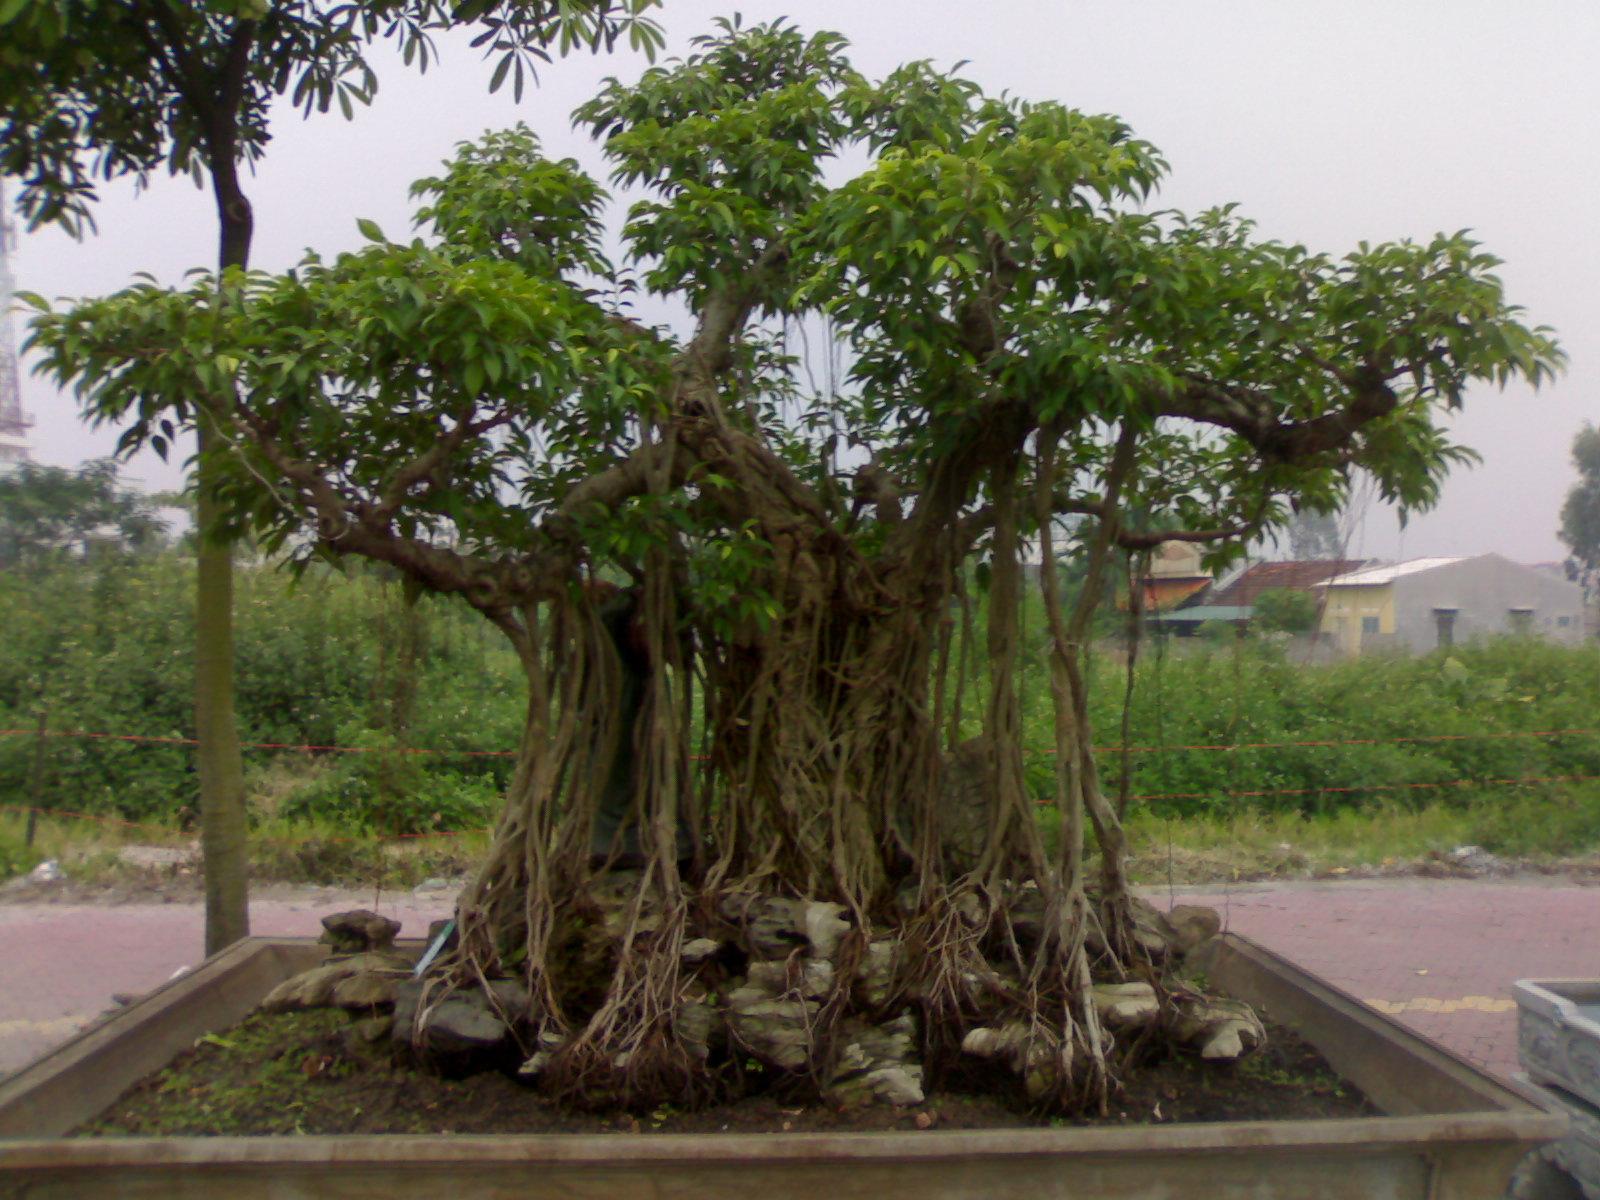 Mãn nhãn Chiêm ngưỡng vườn cây cảnh tiền tỷ